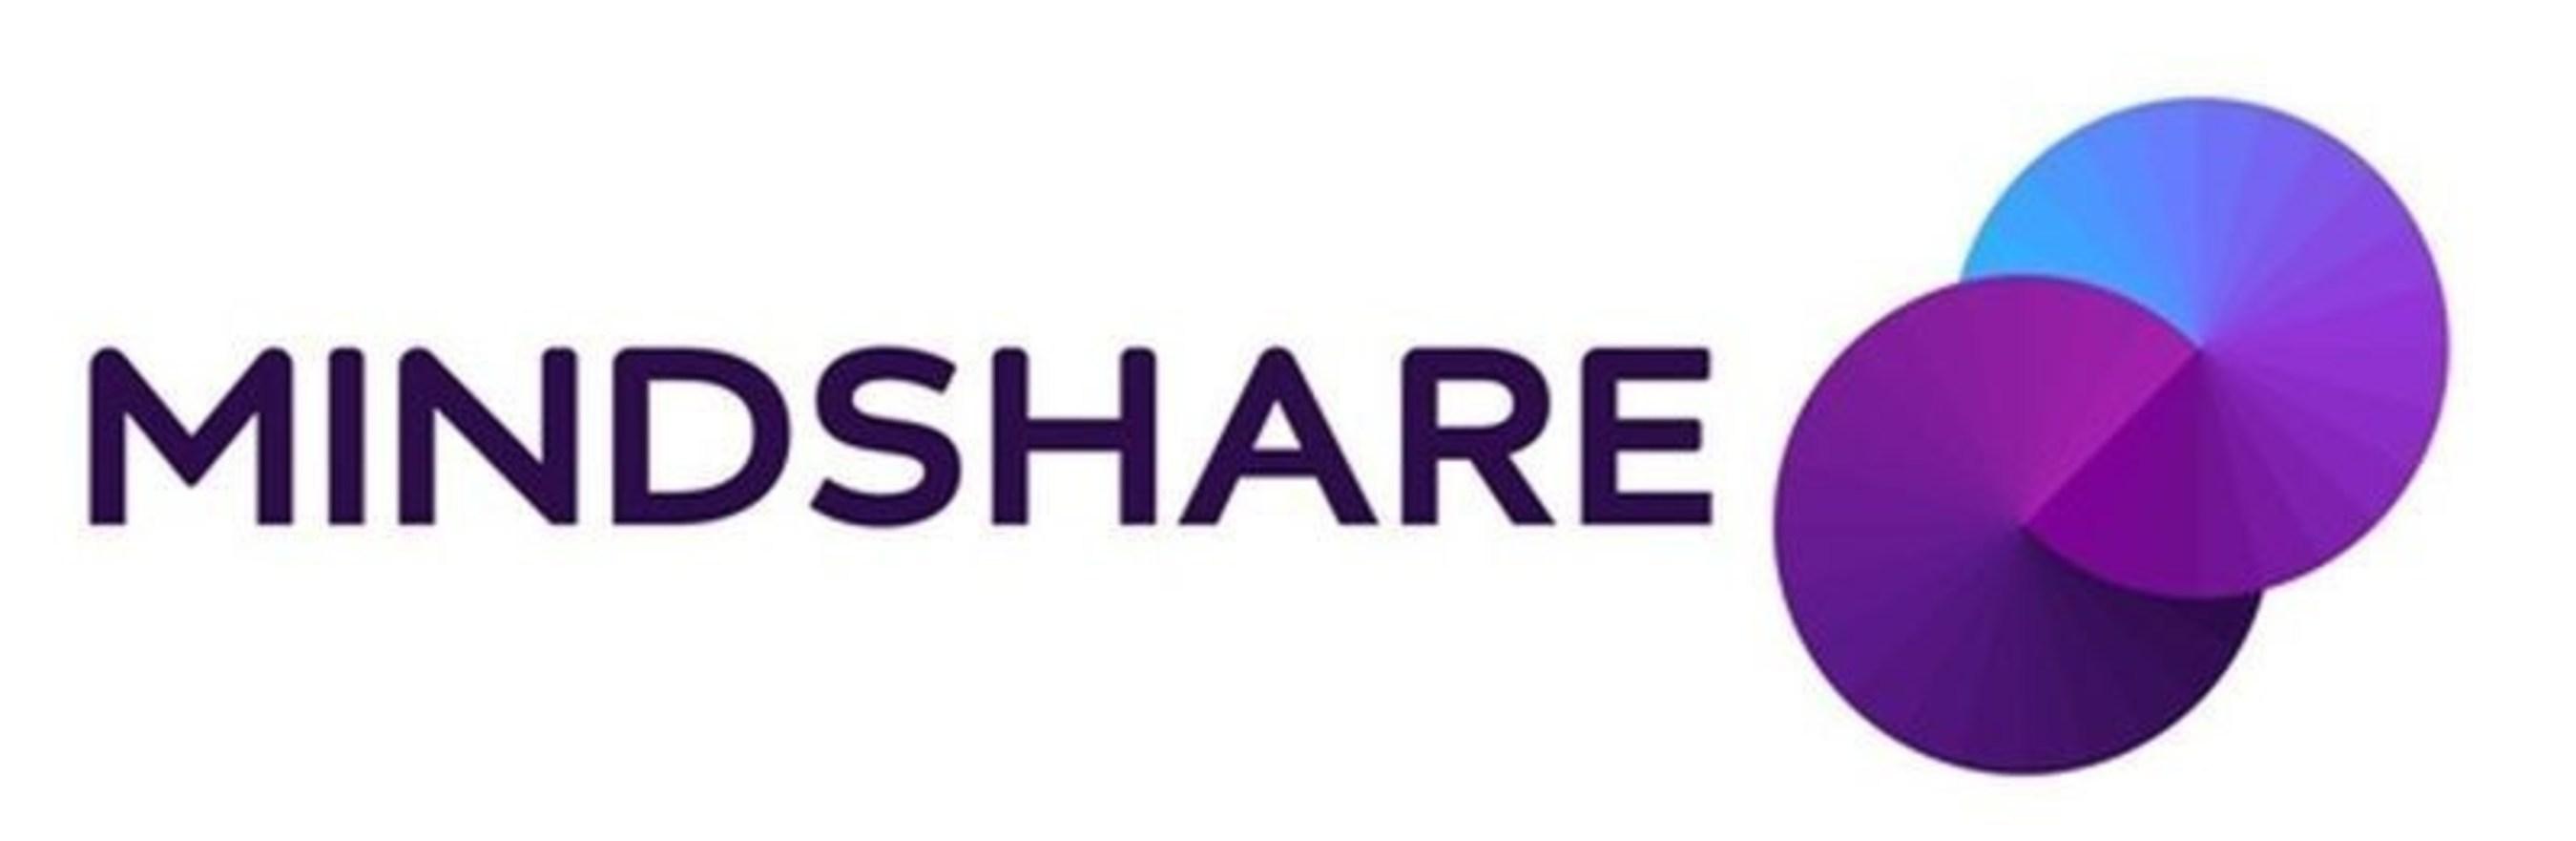 Mindshare Logo (PRNewsFoto/Mindshare) (PRNewsFoto/Mindshare)